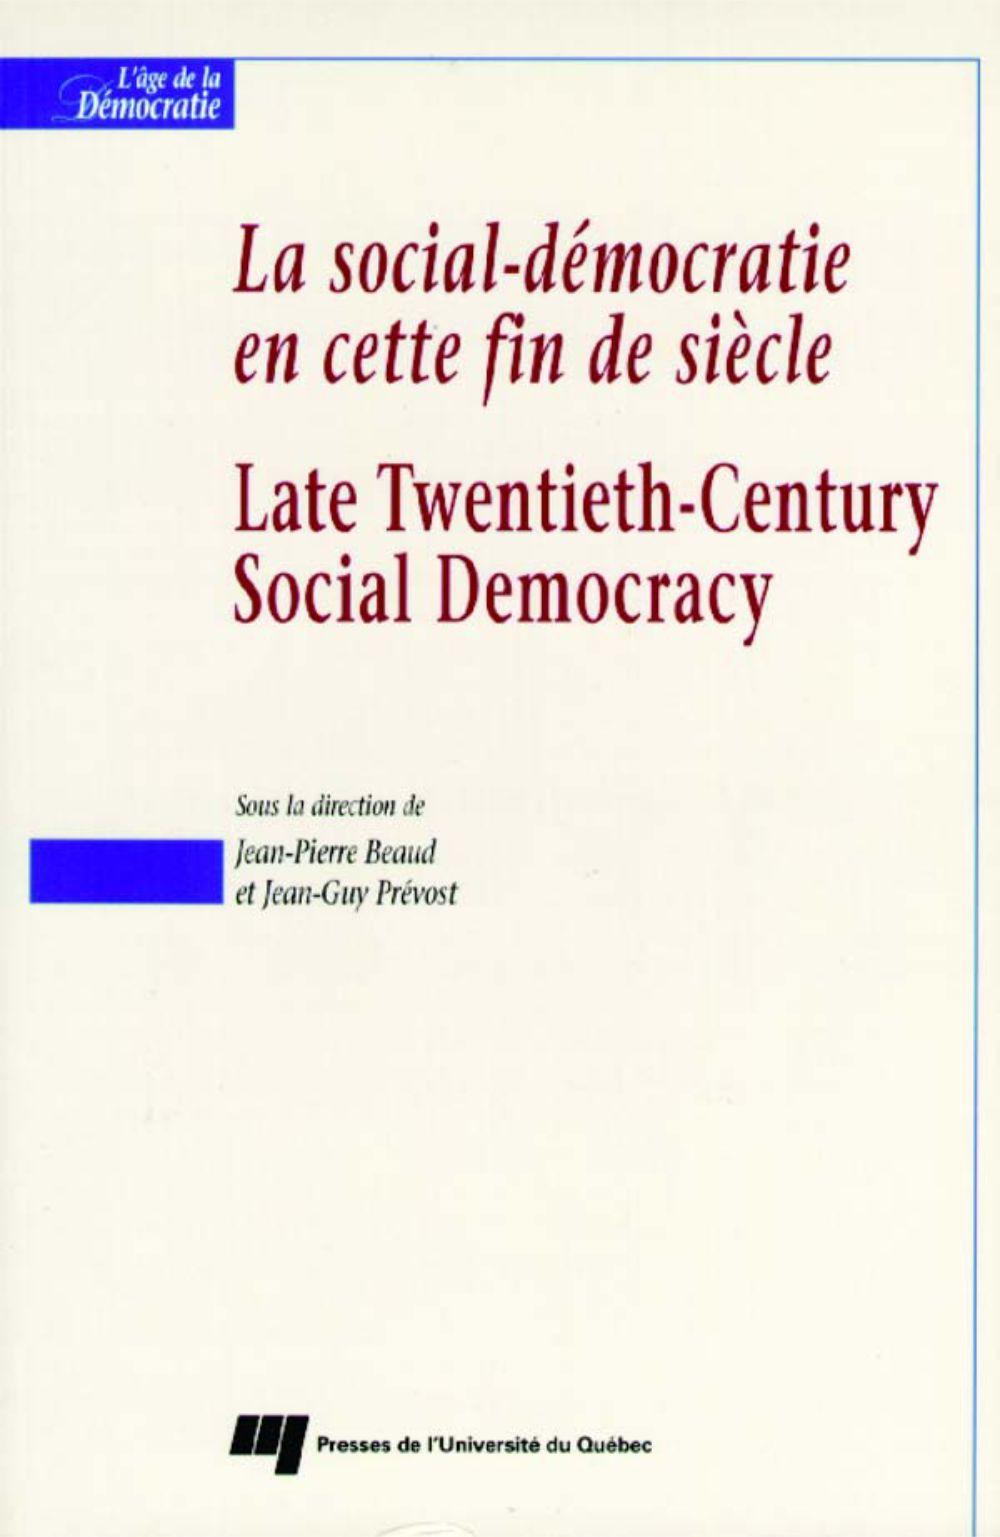 La social-démocratie en cette fin de siècle / Late Twentieth-Century Social Democracy